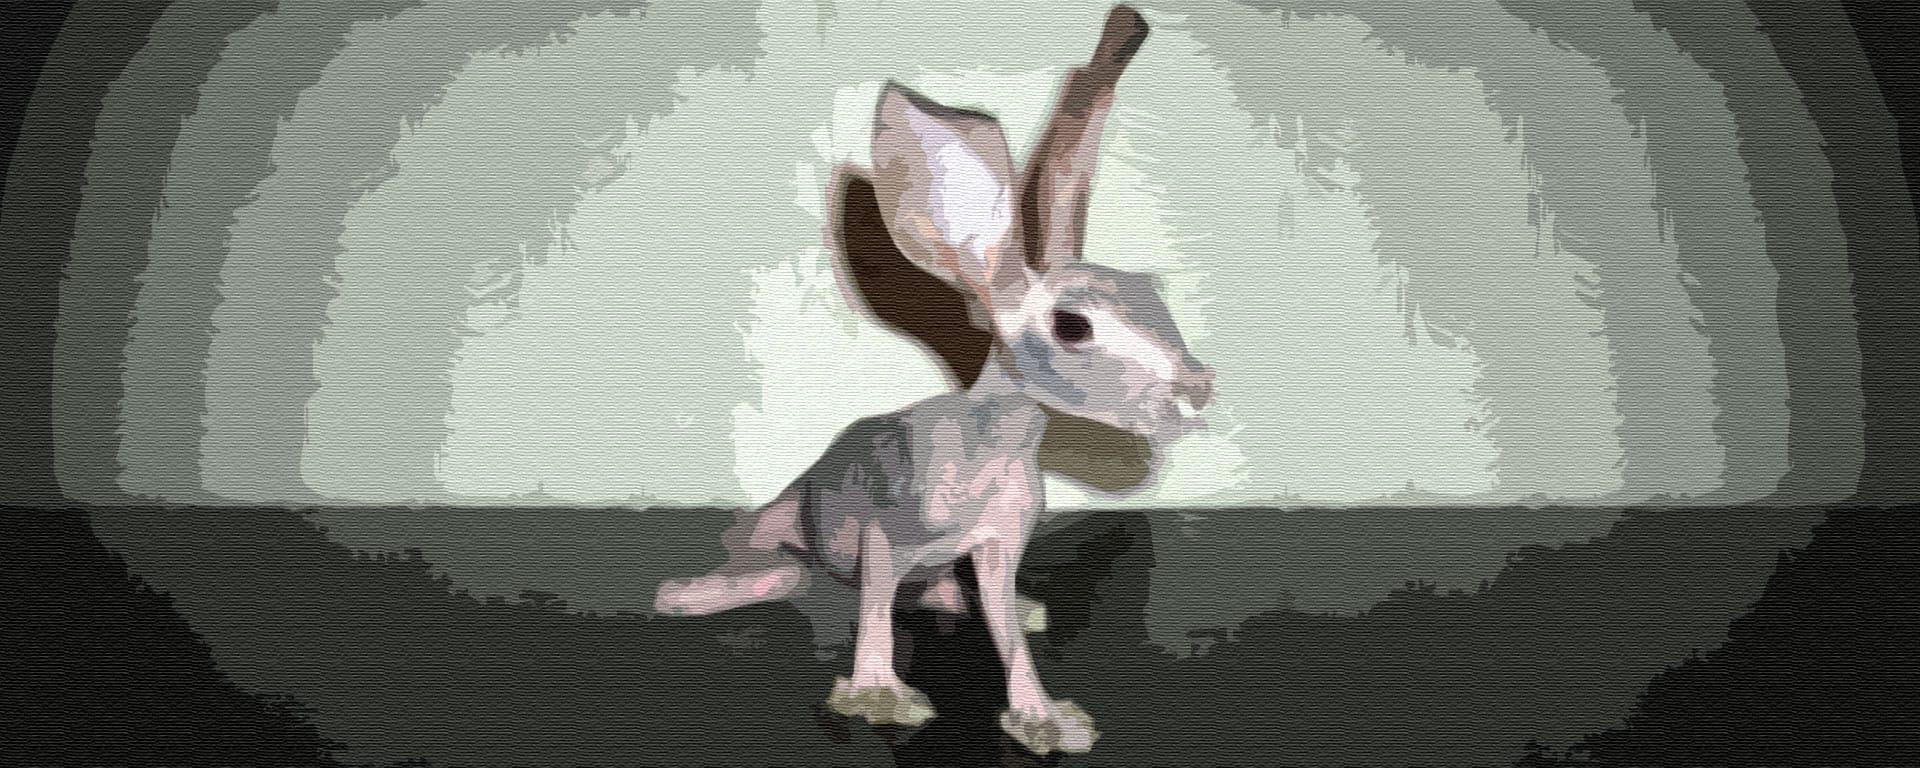 Упрямый зайчонок